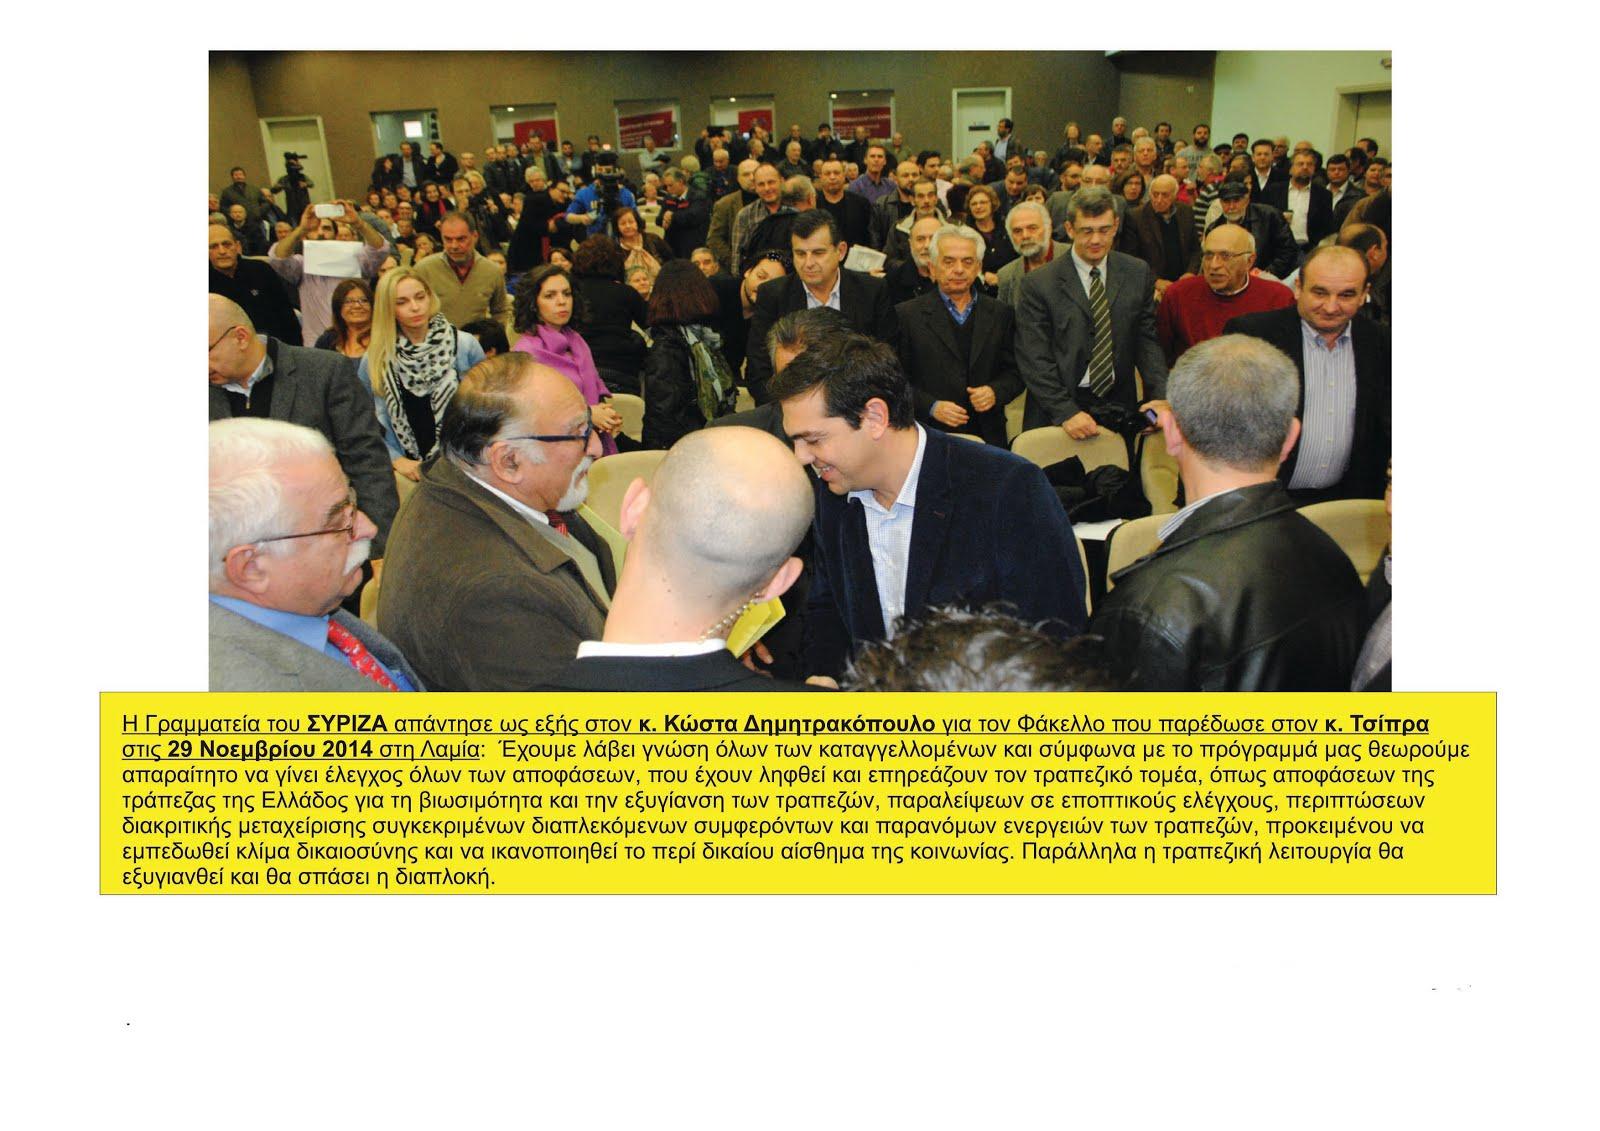 Ο Δημητρακόπουλος παραδίδει Φάκελο της πρώην Σ.Τ.Λ. στον κ. Τσίπρα. to 2014